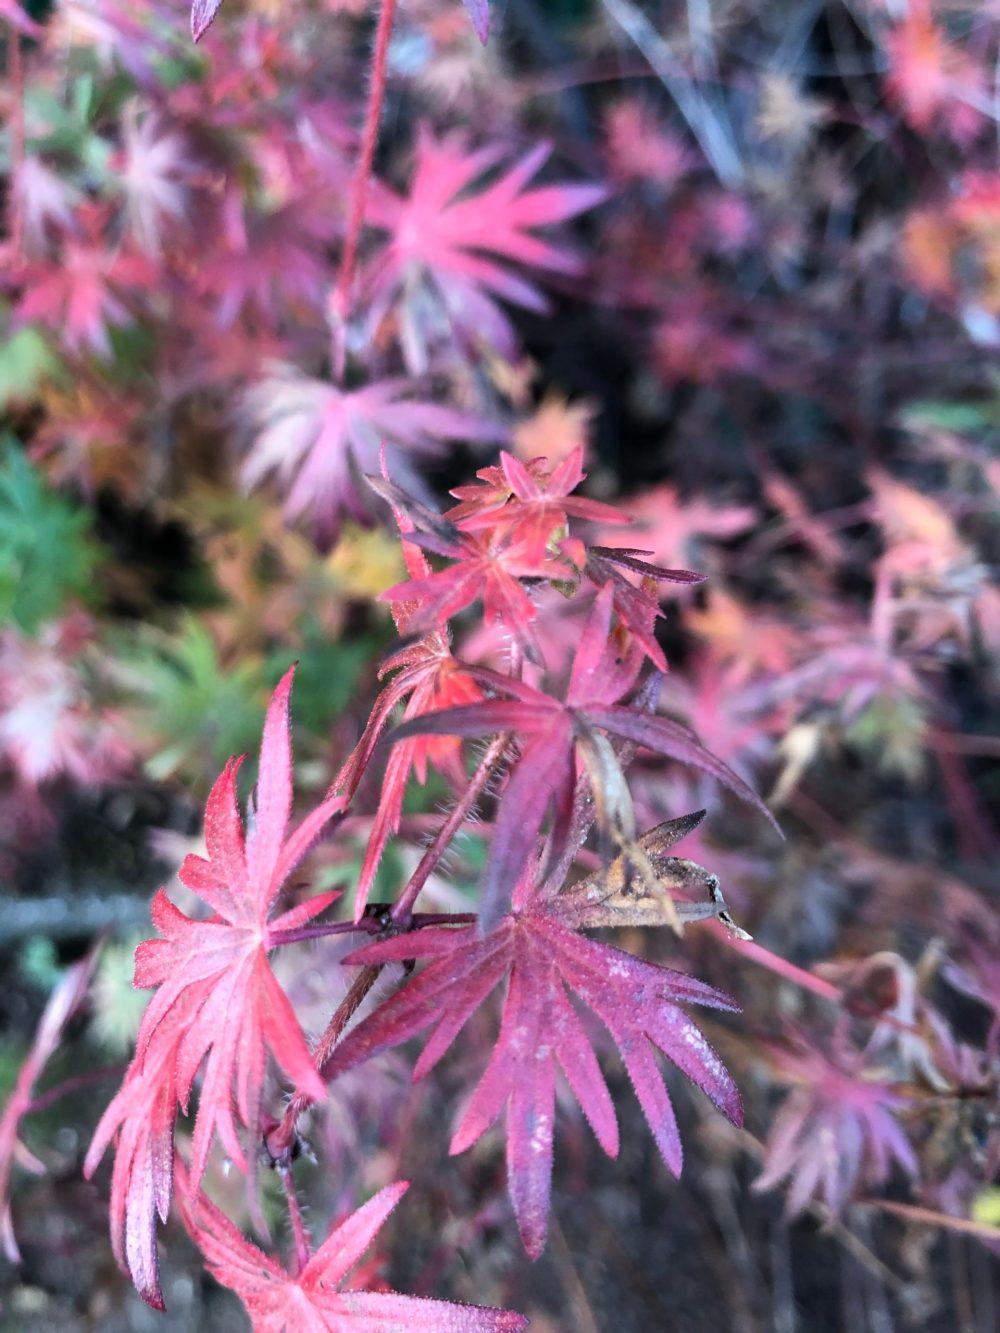 Rosa und lilafarbene Blätter der Geranium Sanguineum im Herbst